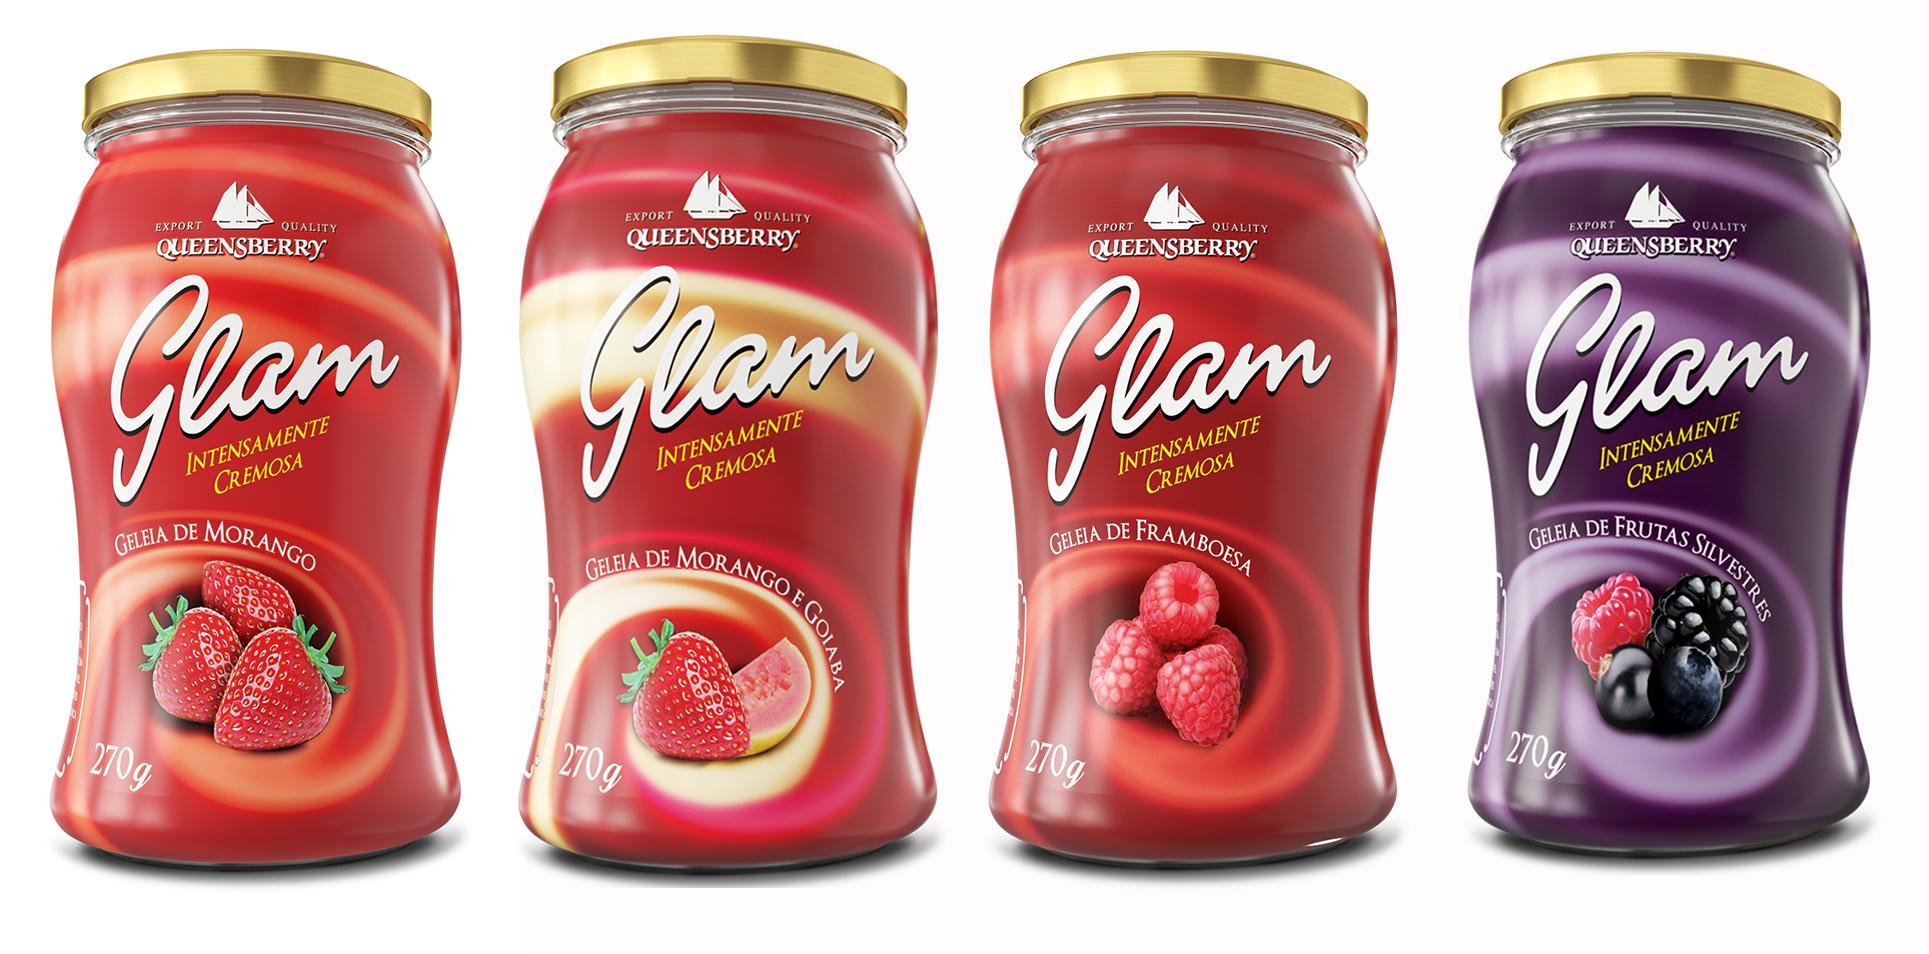 Glam_quatro_alta